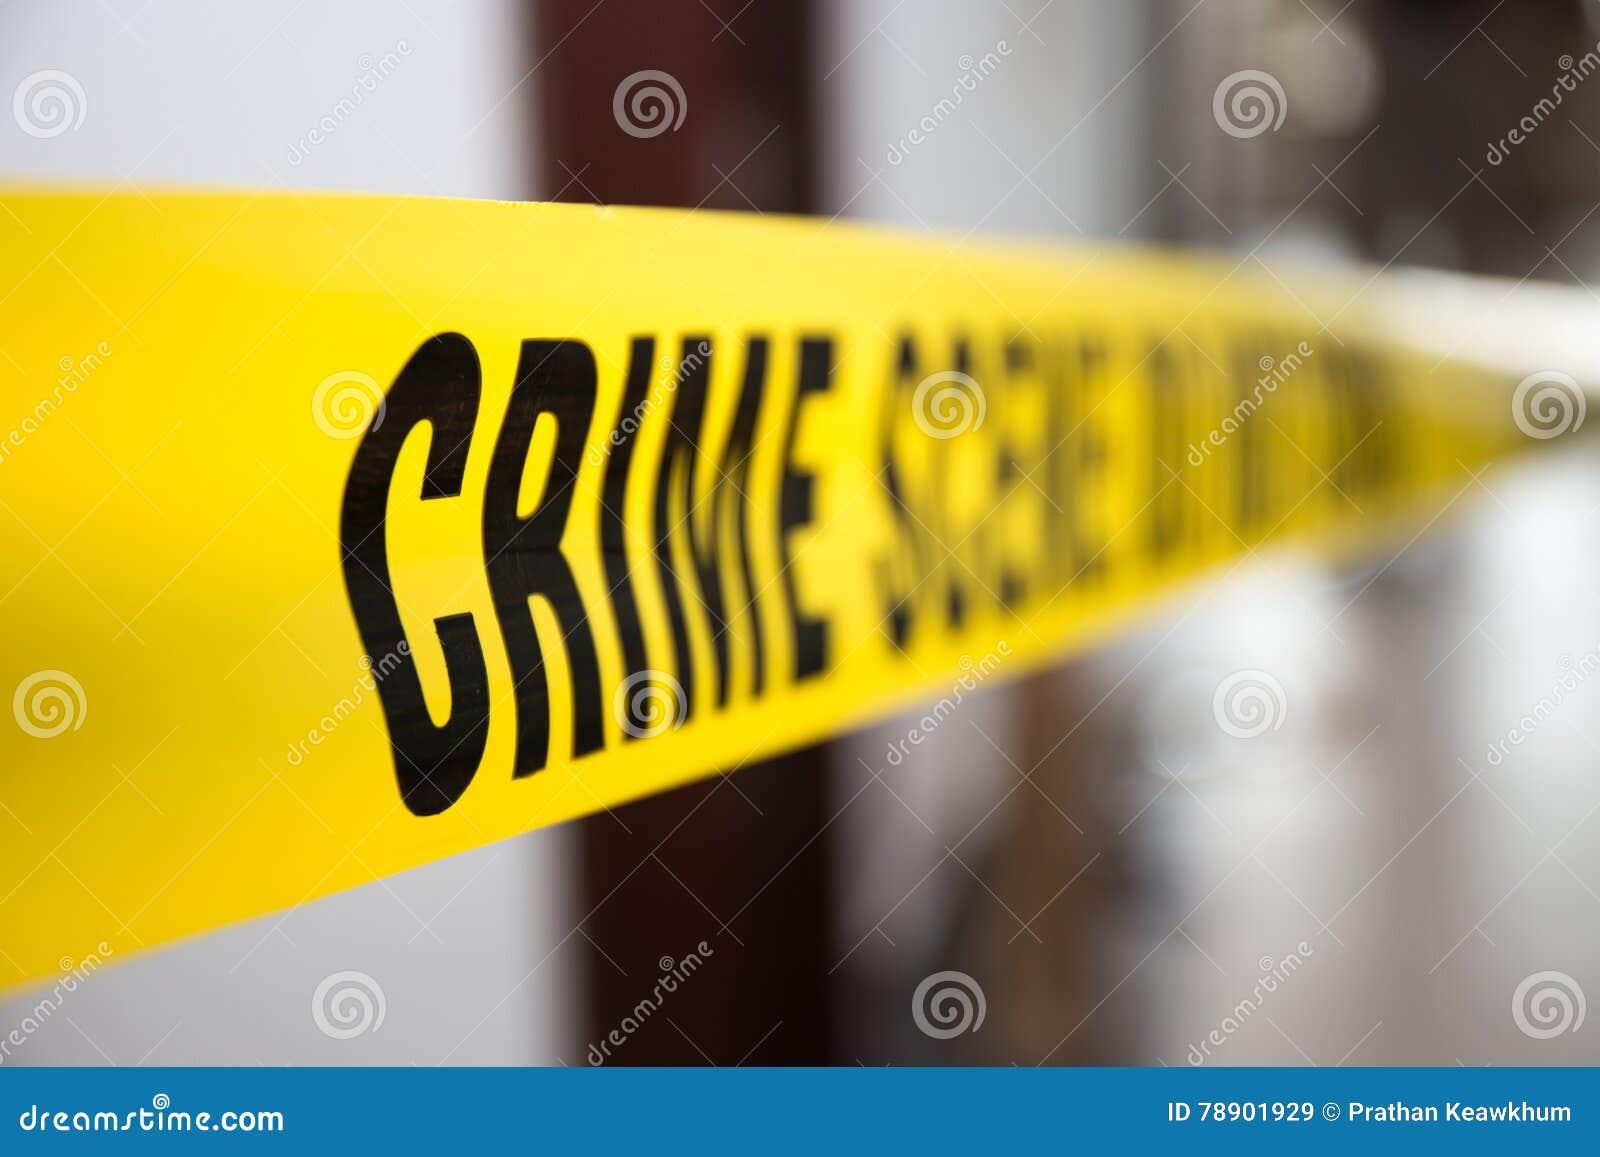 Ταινία σκηνών εγκλήματος στο κτήριο με το θολωμένο υπόβαθρο